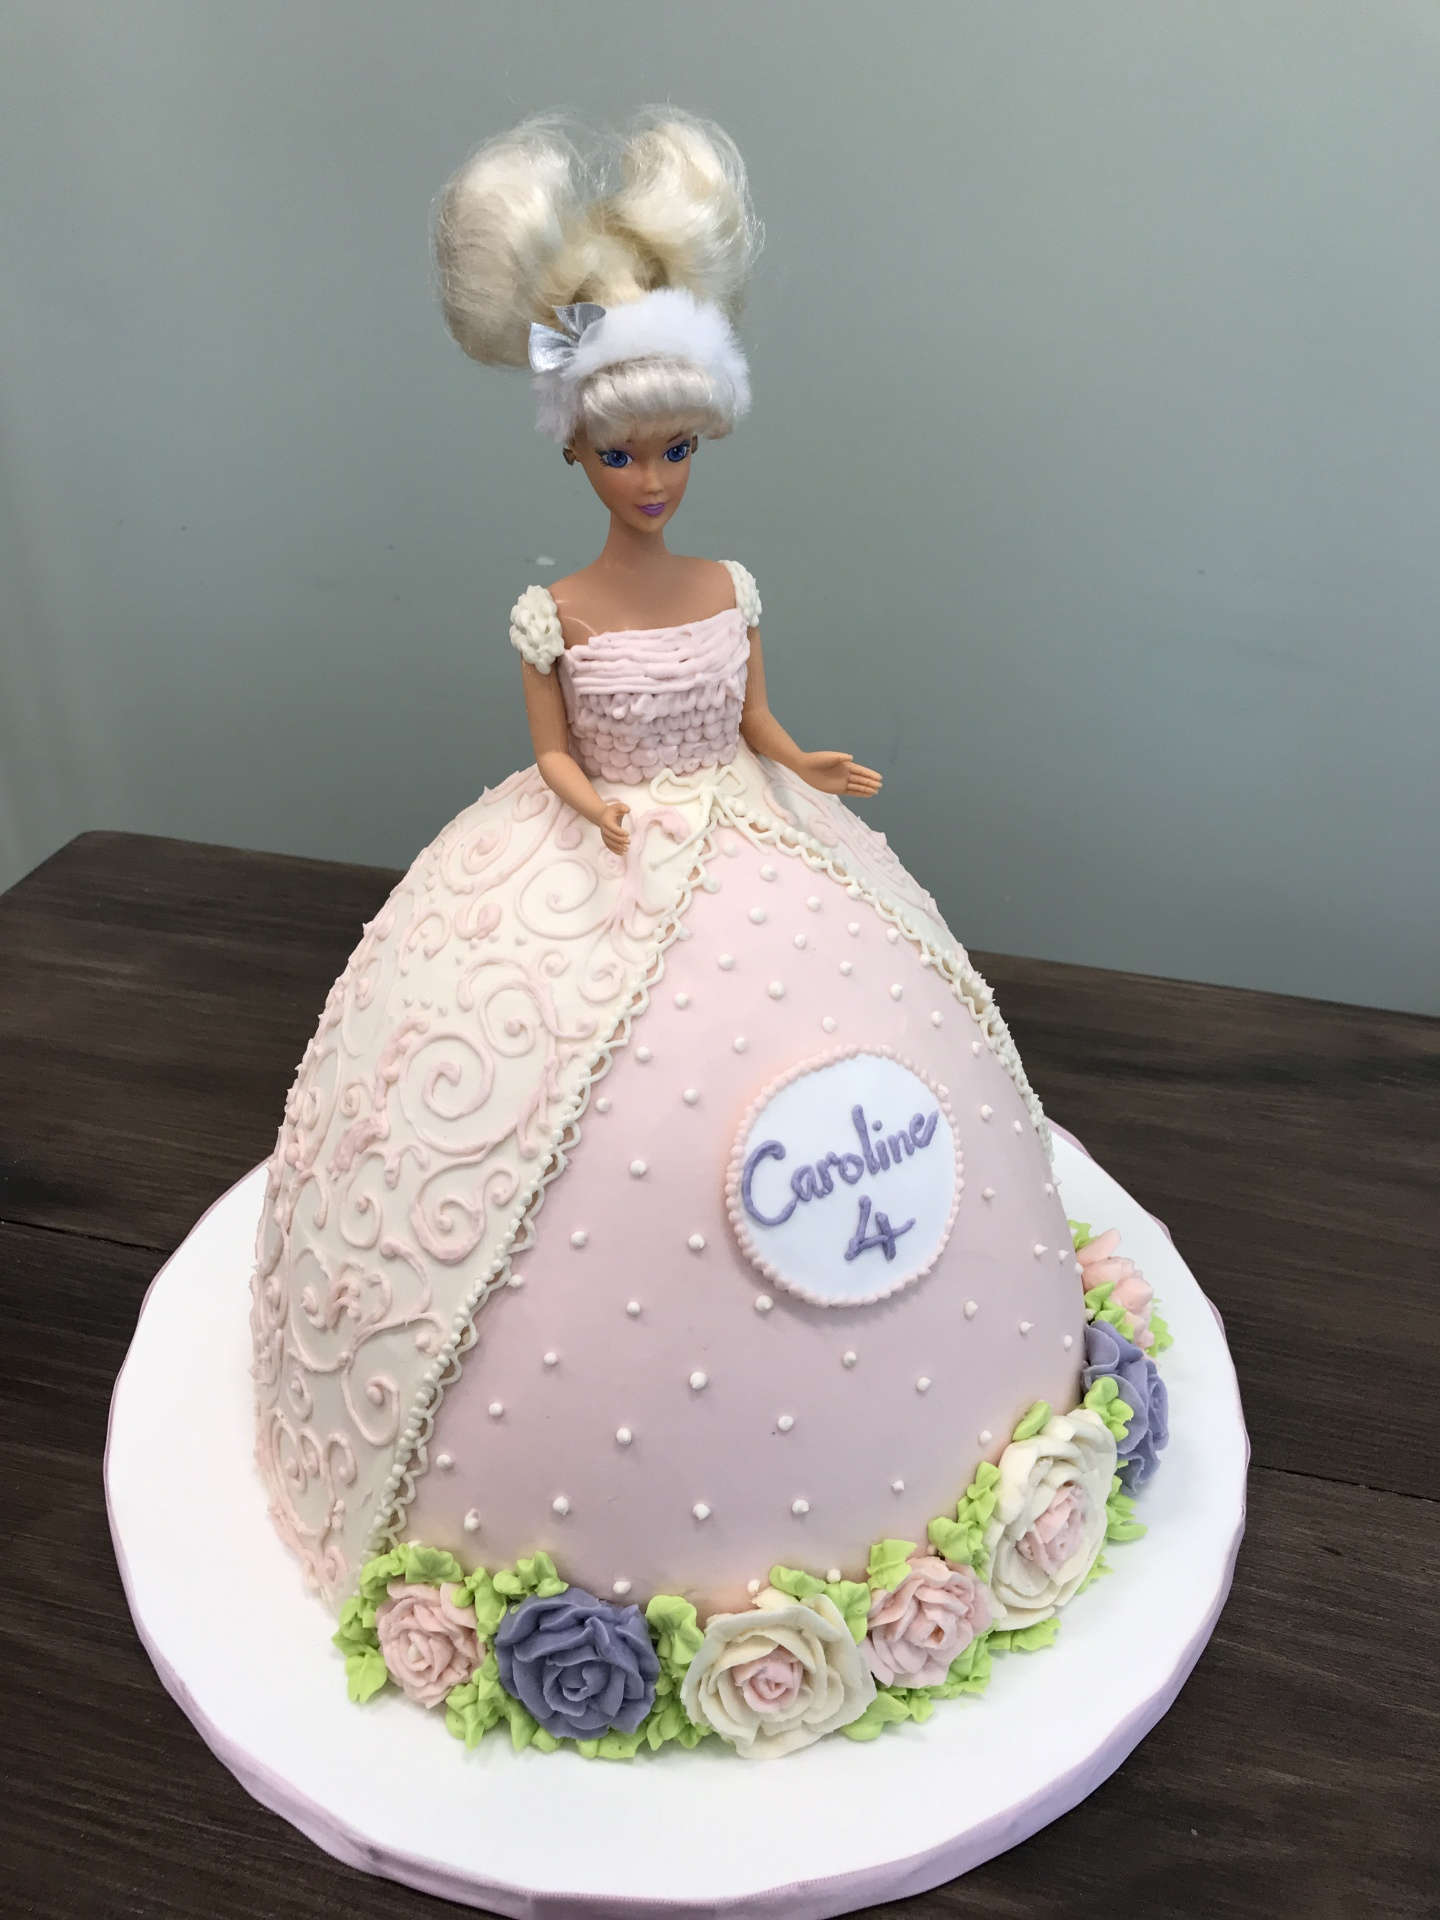 All buttercream Doll Dress Cake Custom Cakes NJ